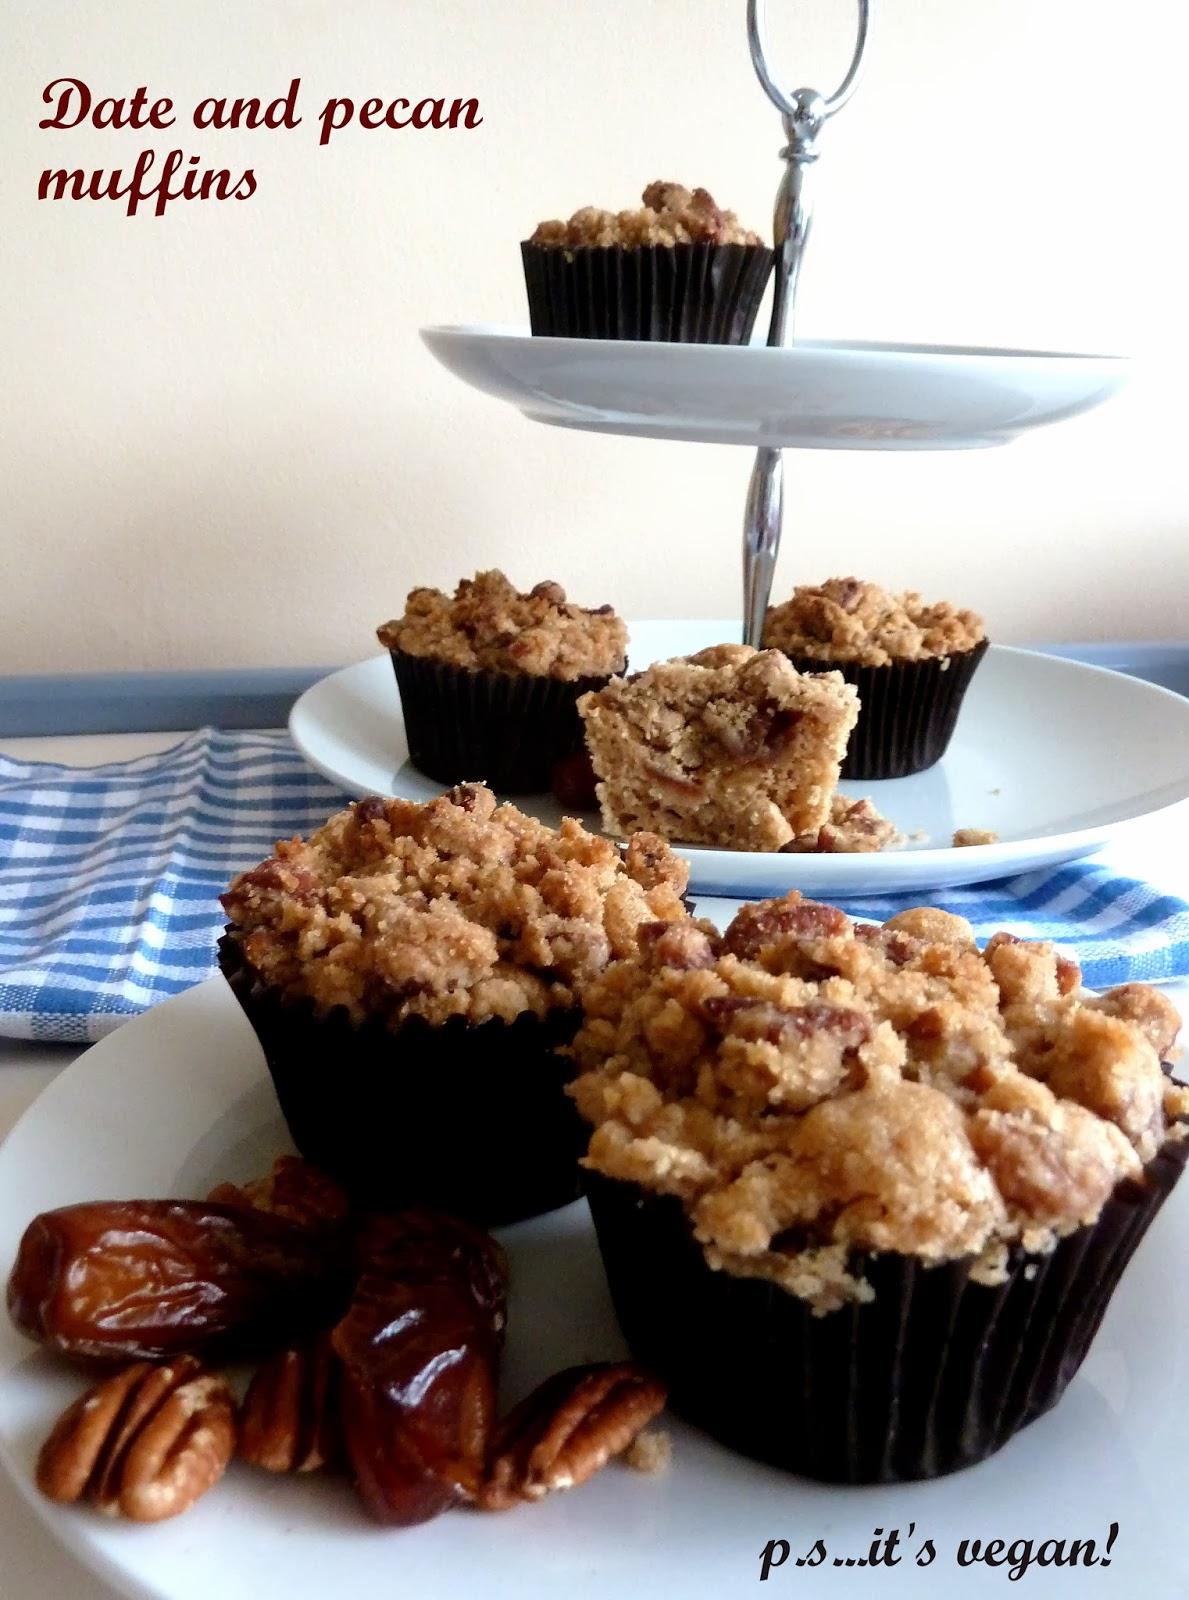 Date and pecan vegan muffins